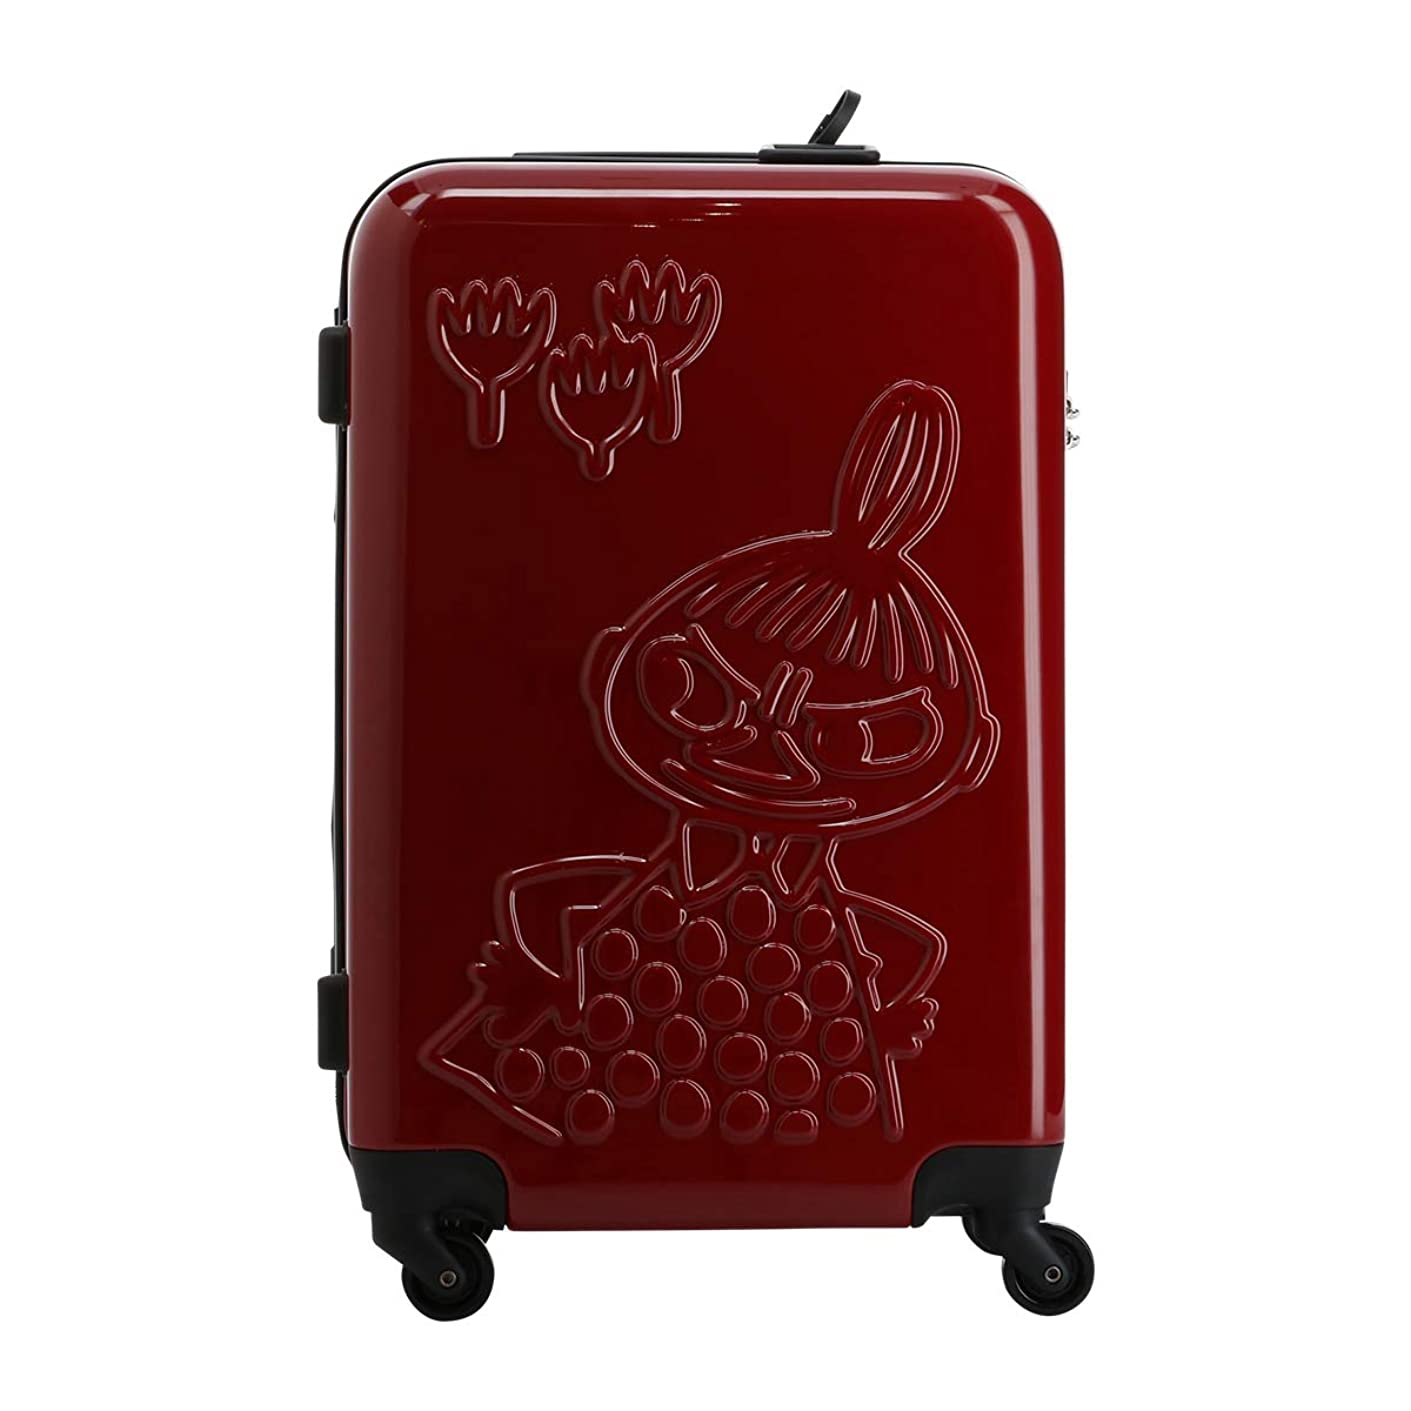 業界バレーボールオートマトン[ムーミン] ミイ スーツケース ぬいぐる ネックピロー付き 44L 55.5cm 3.0kg MM2-014